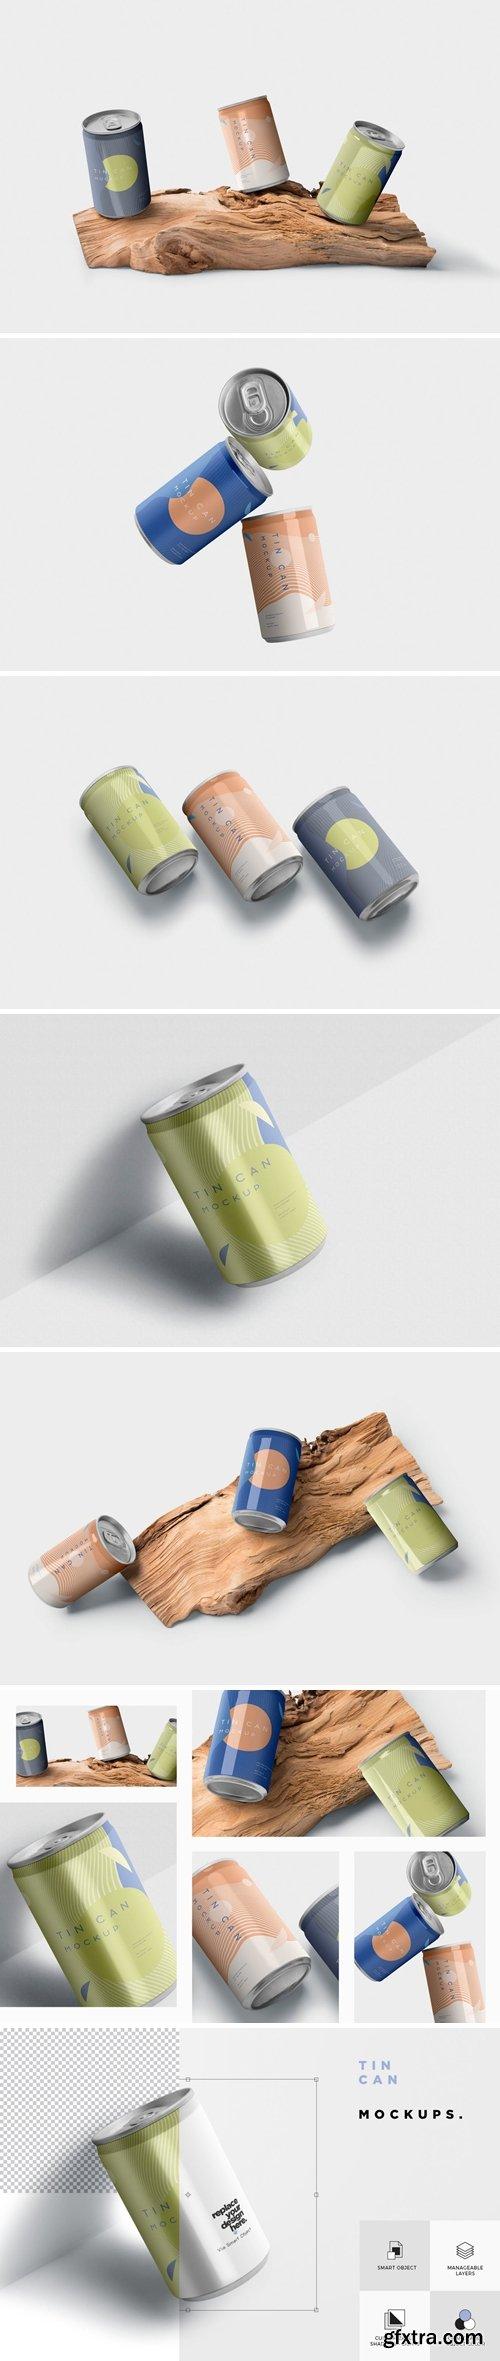 Tin Can Branding Mockups